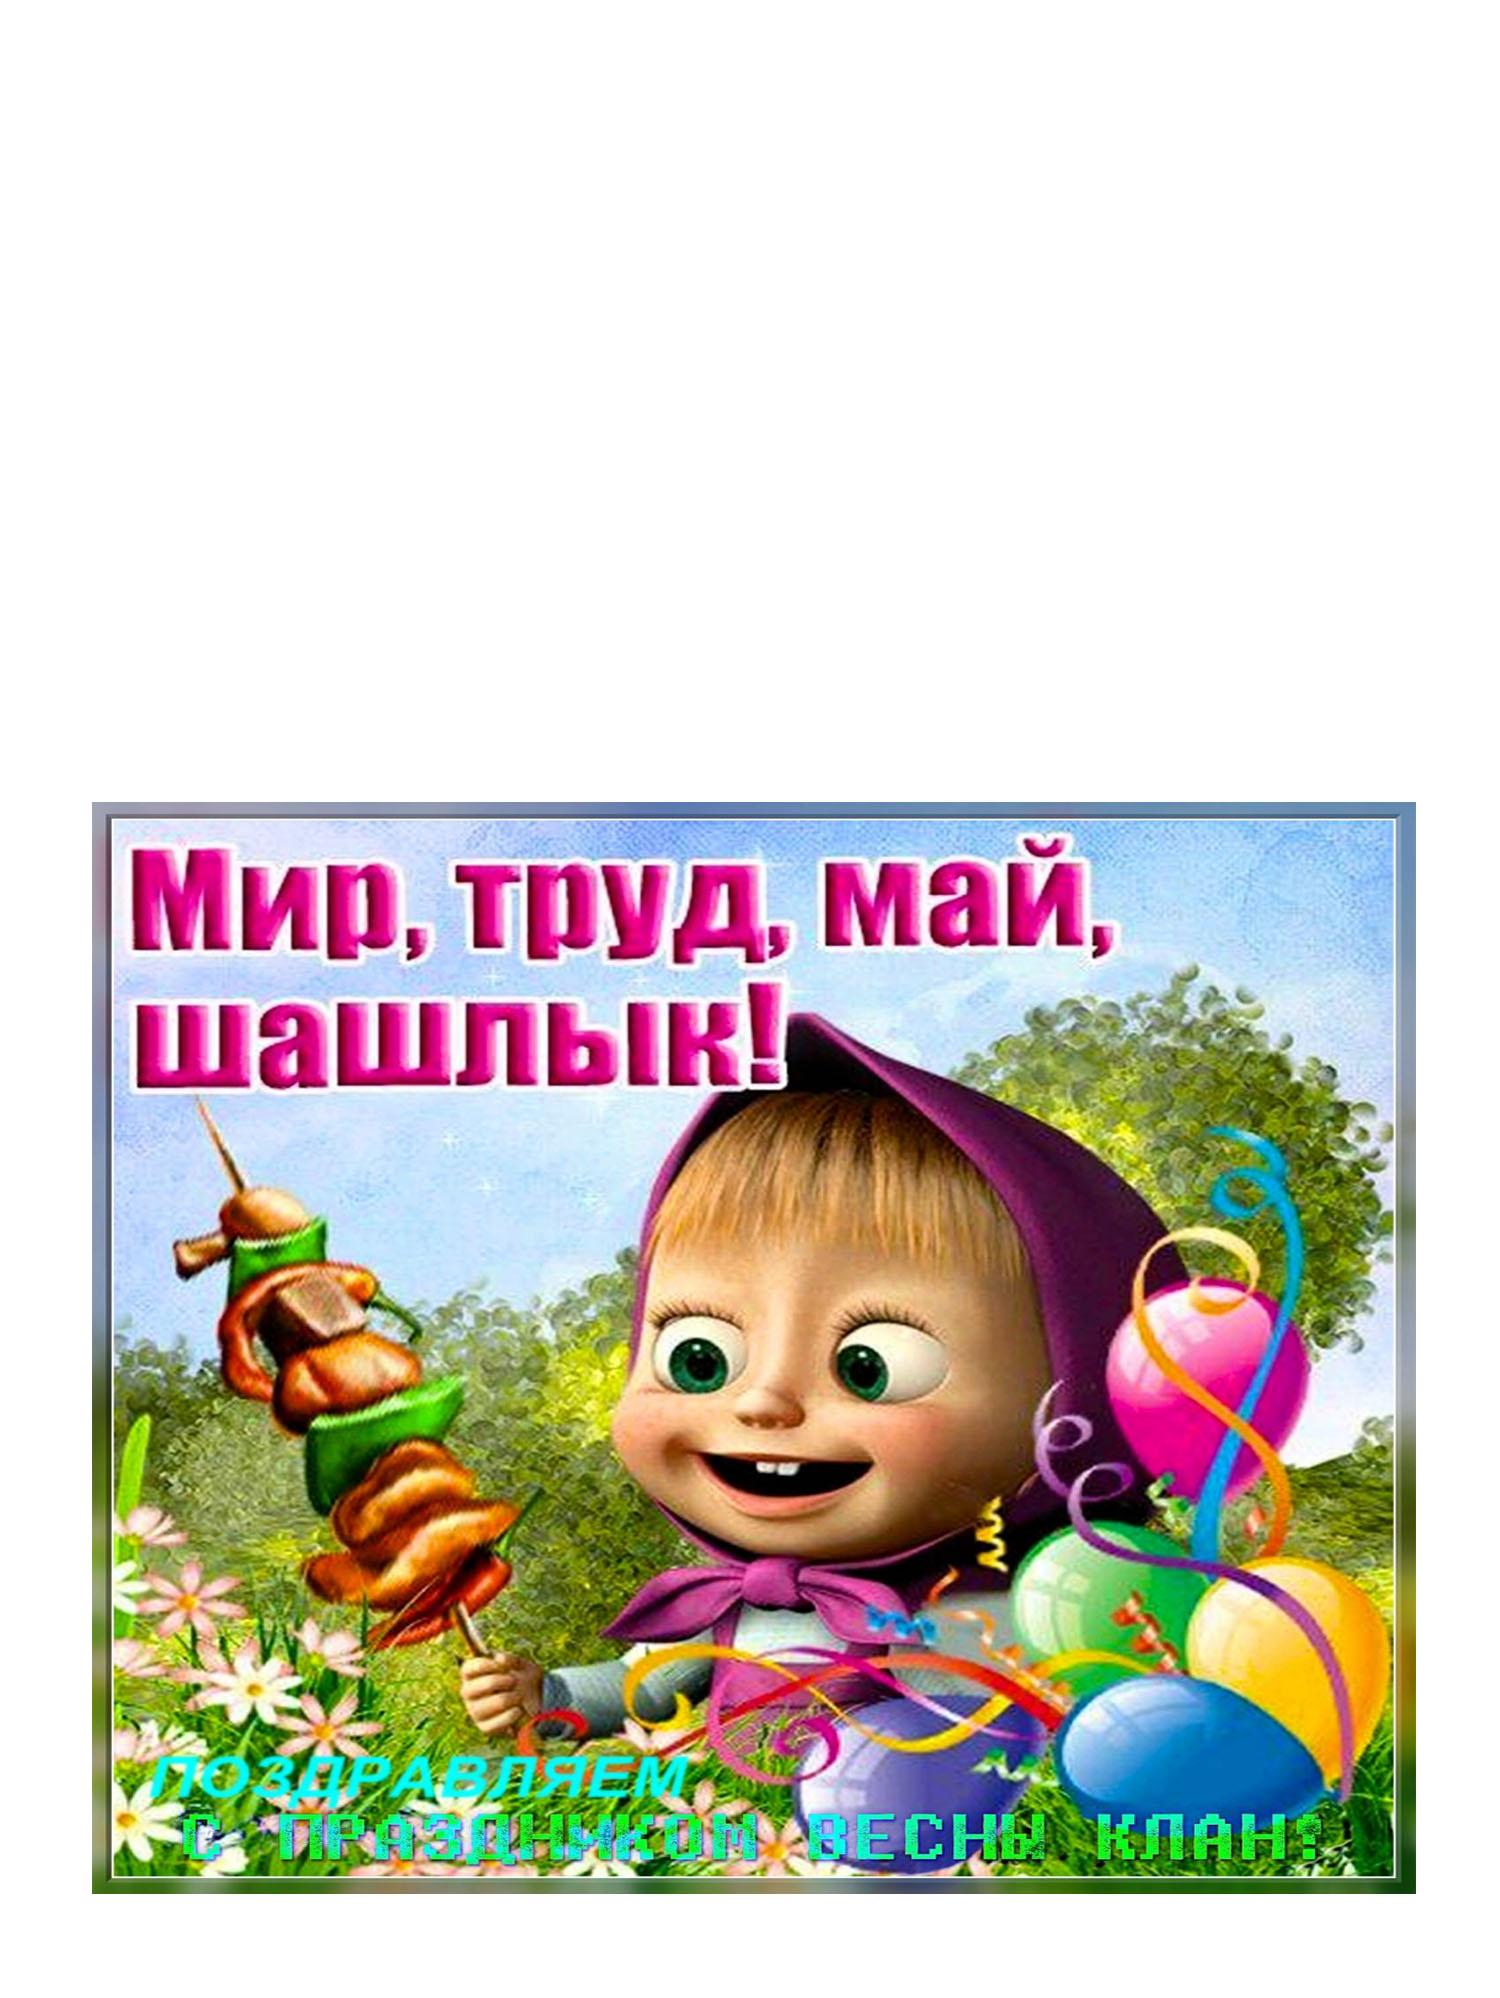 Картинки для детей к празднику осени